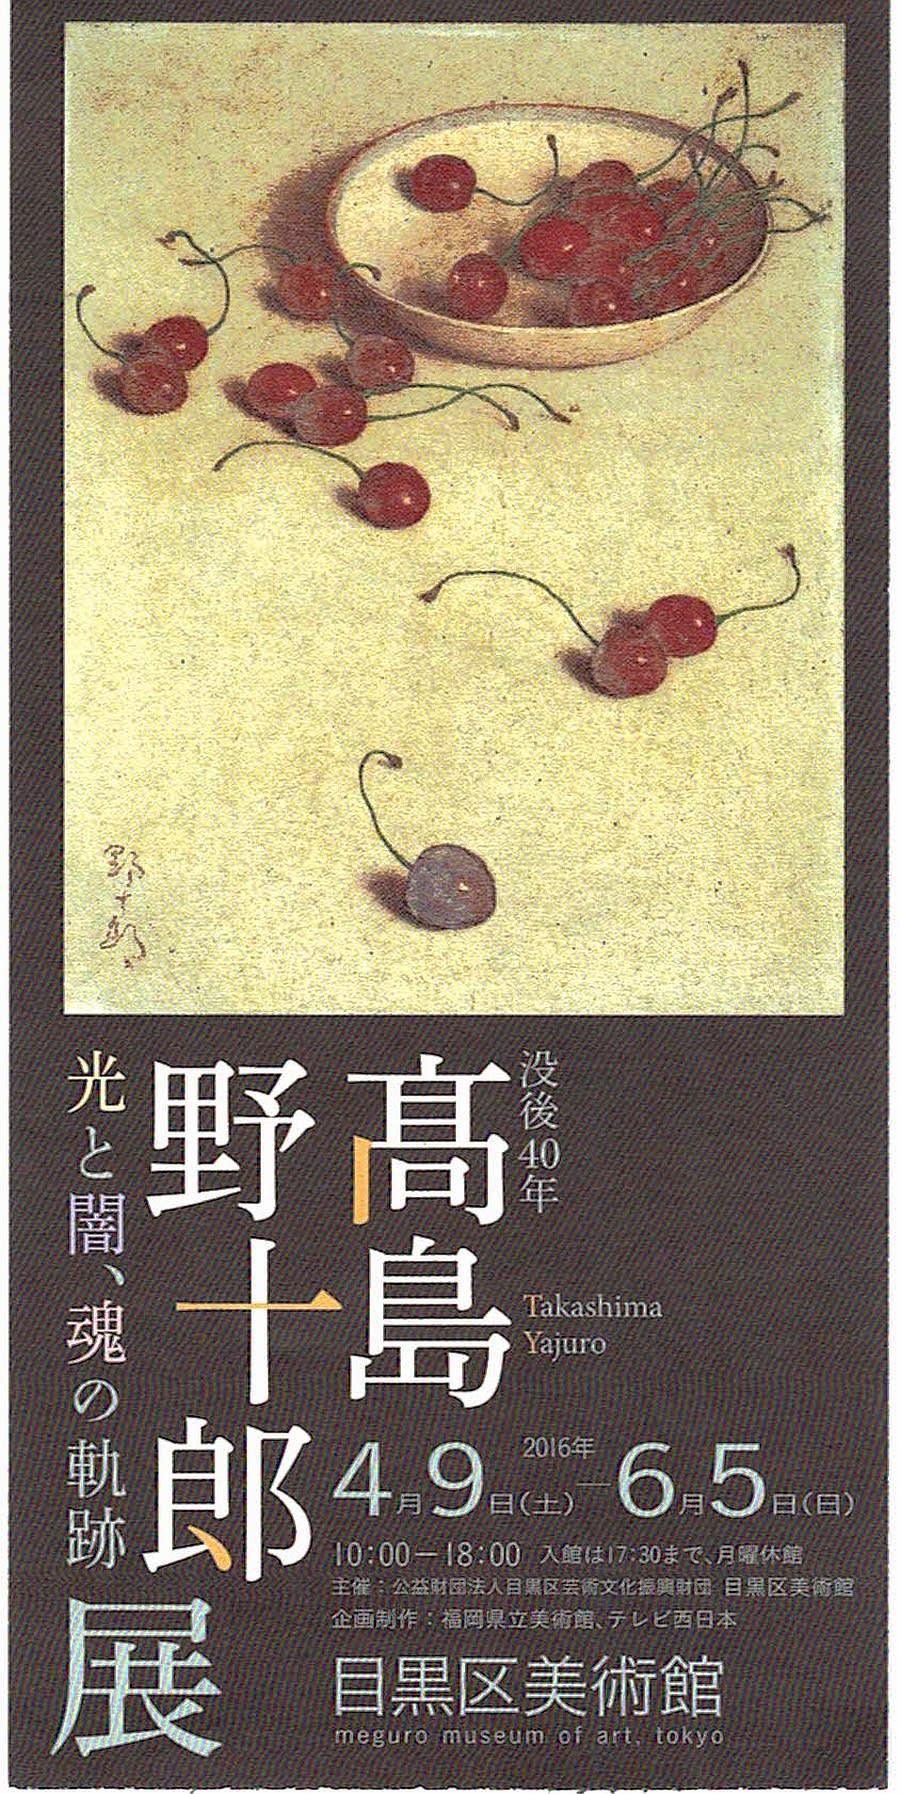 高島野十郎の画像 p1_36